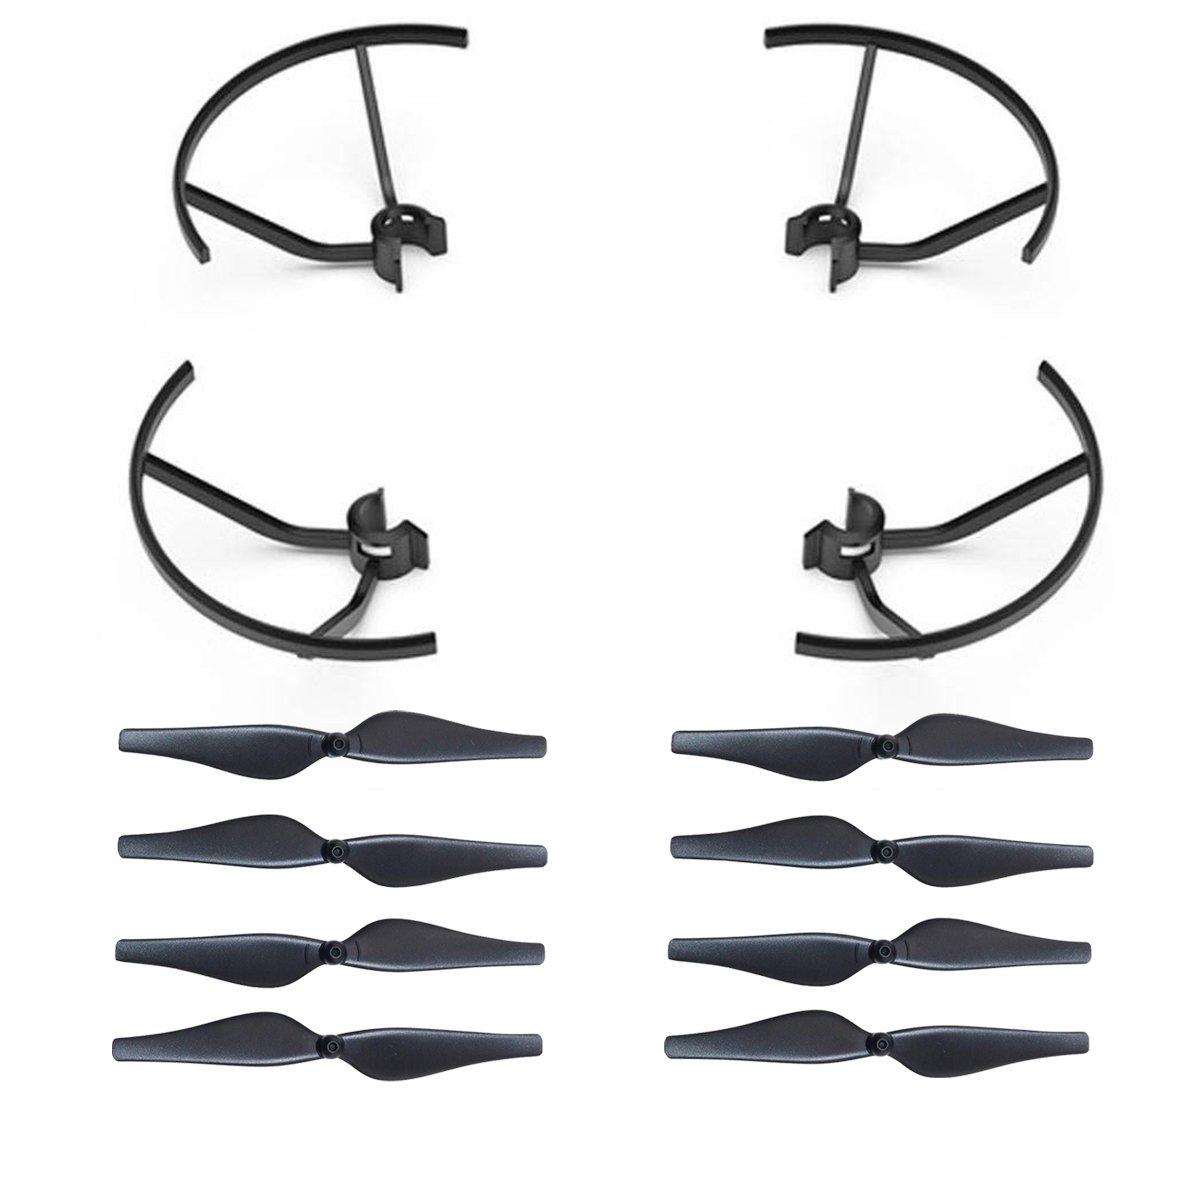 Helices para drone DJI Tello (8 helices y 4 protectores)